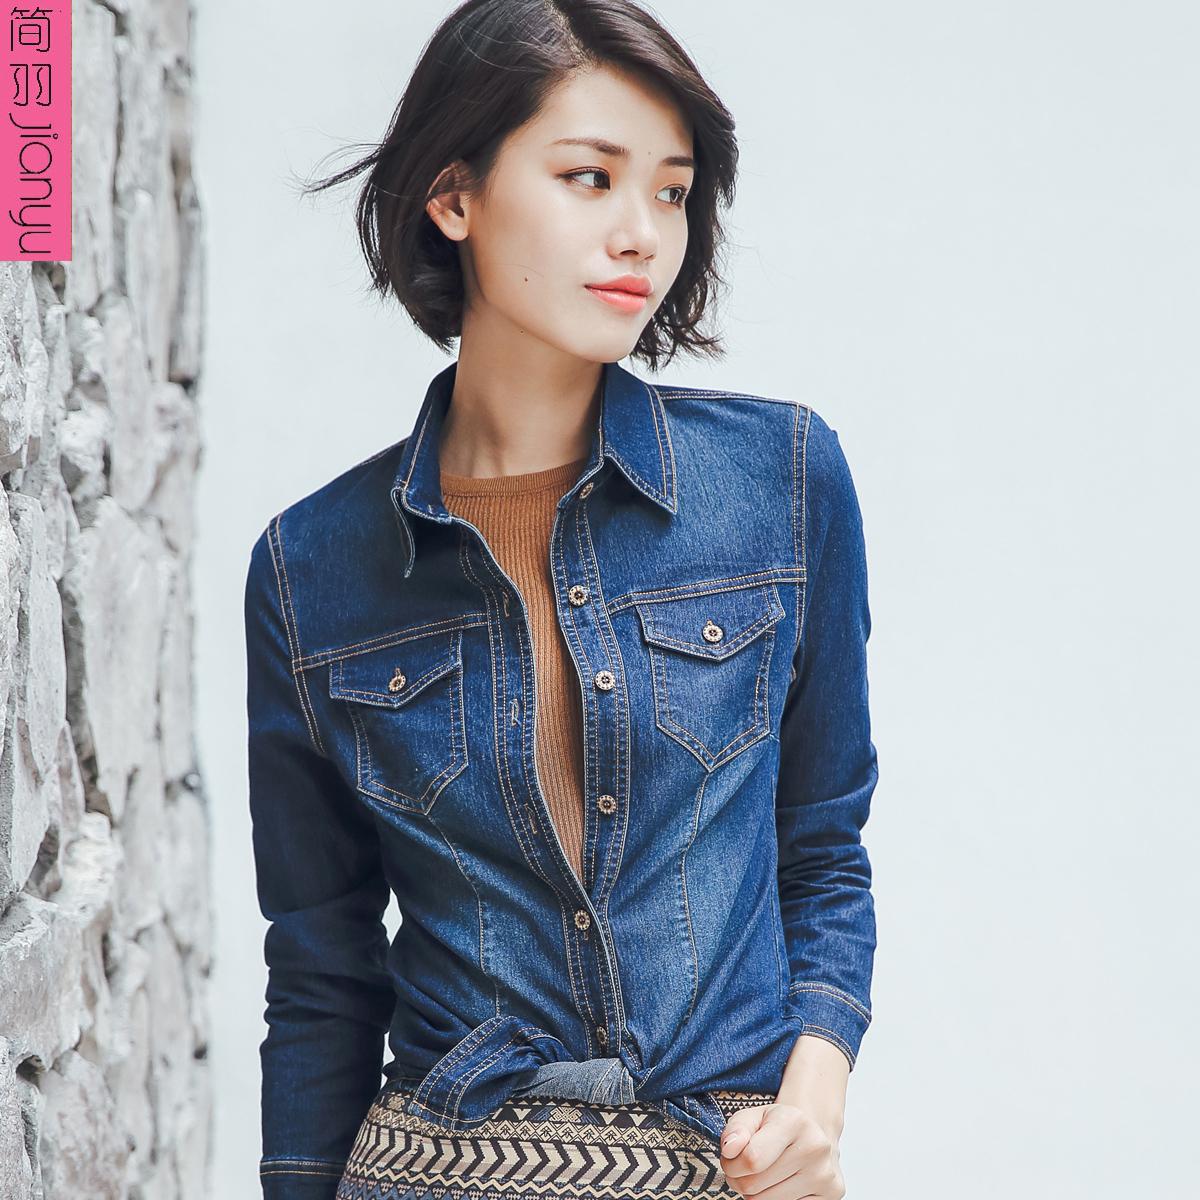 简羽牛仔衬衫女修身弹力春装新款韩版外套百搭长袖牛仔衣薄外套潮